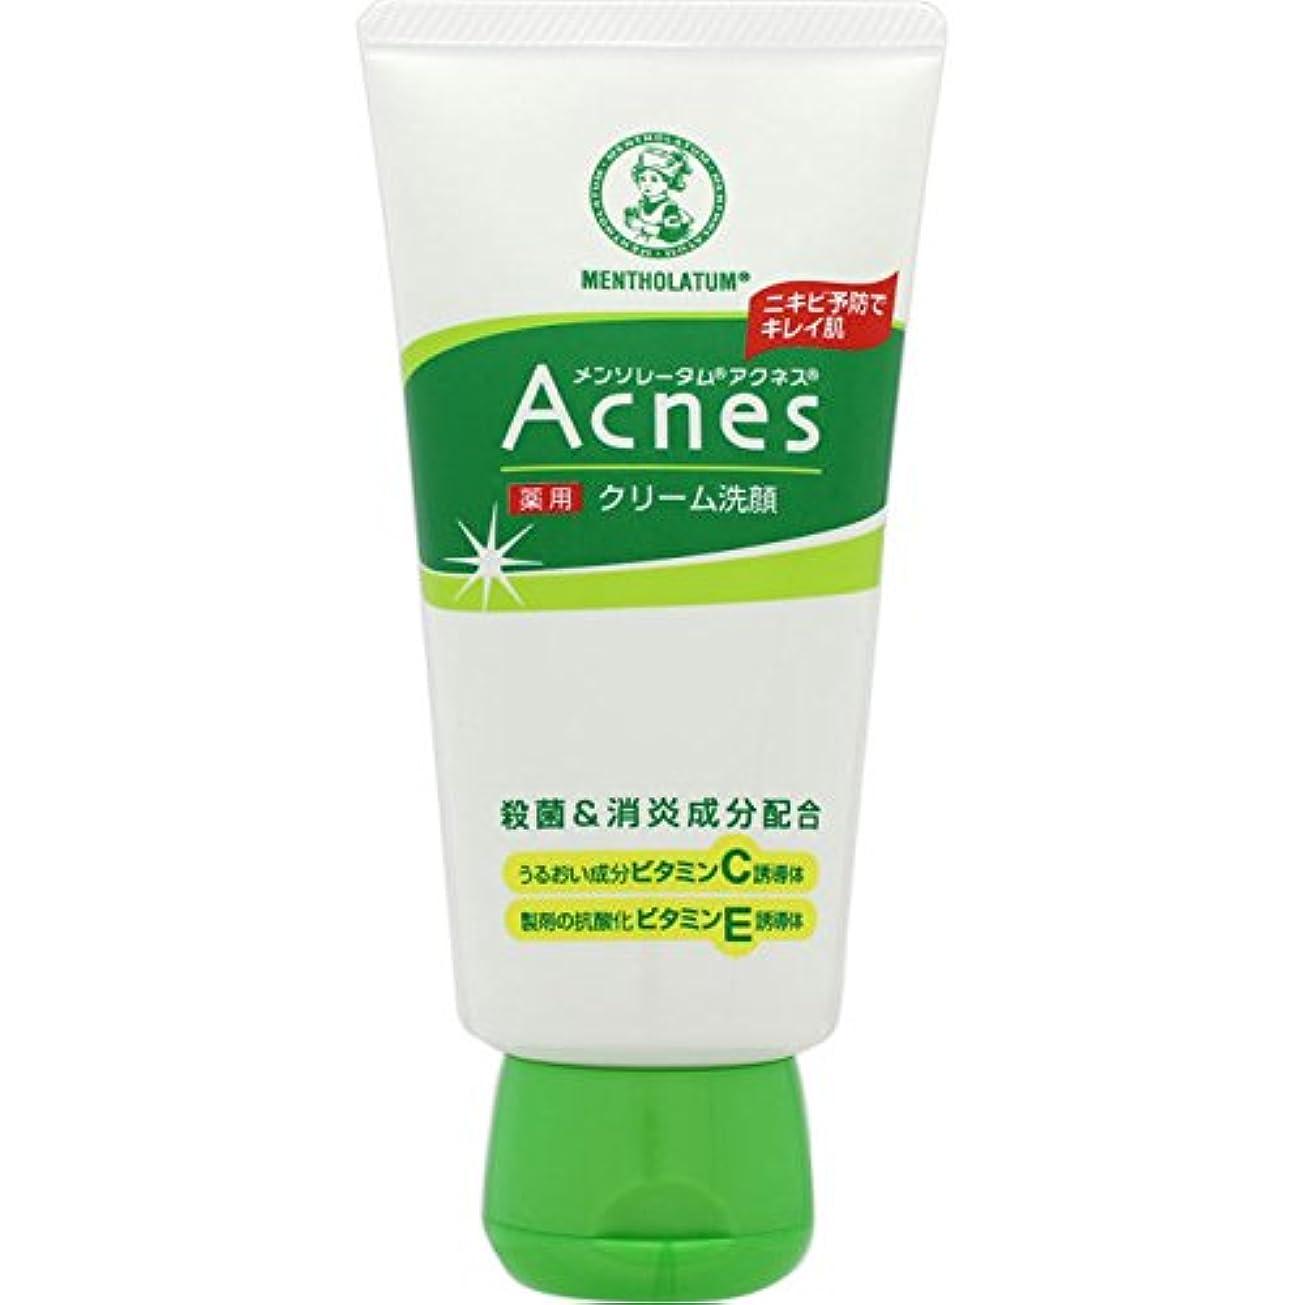 グレードラッチ段落アクネス 薬用クリーム洗顔 130g【医薬部外品】